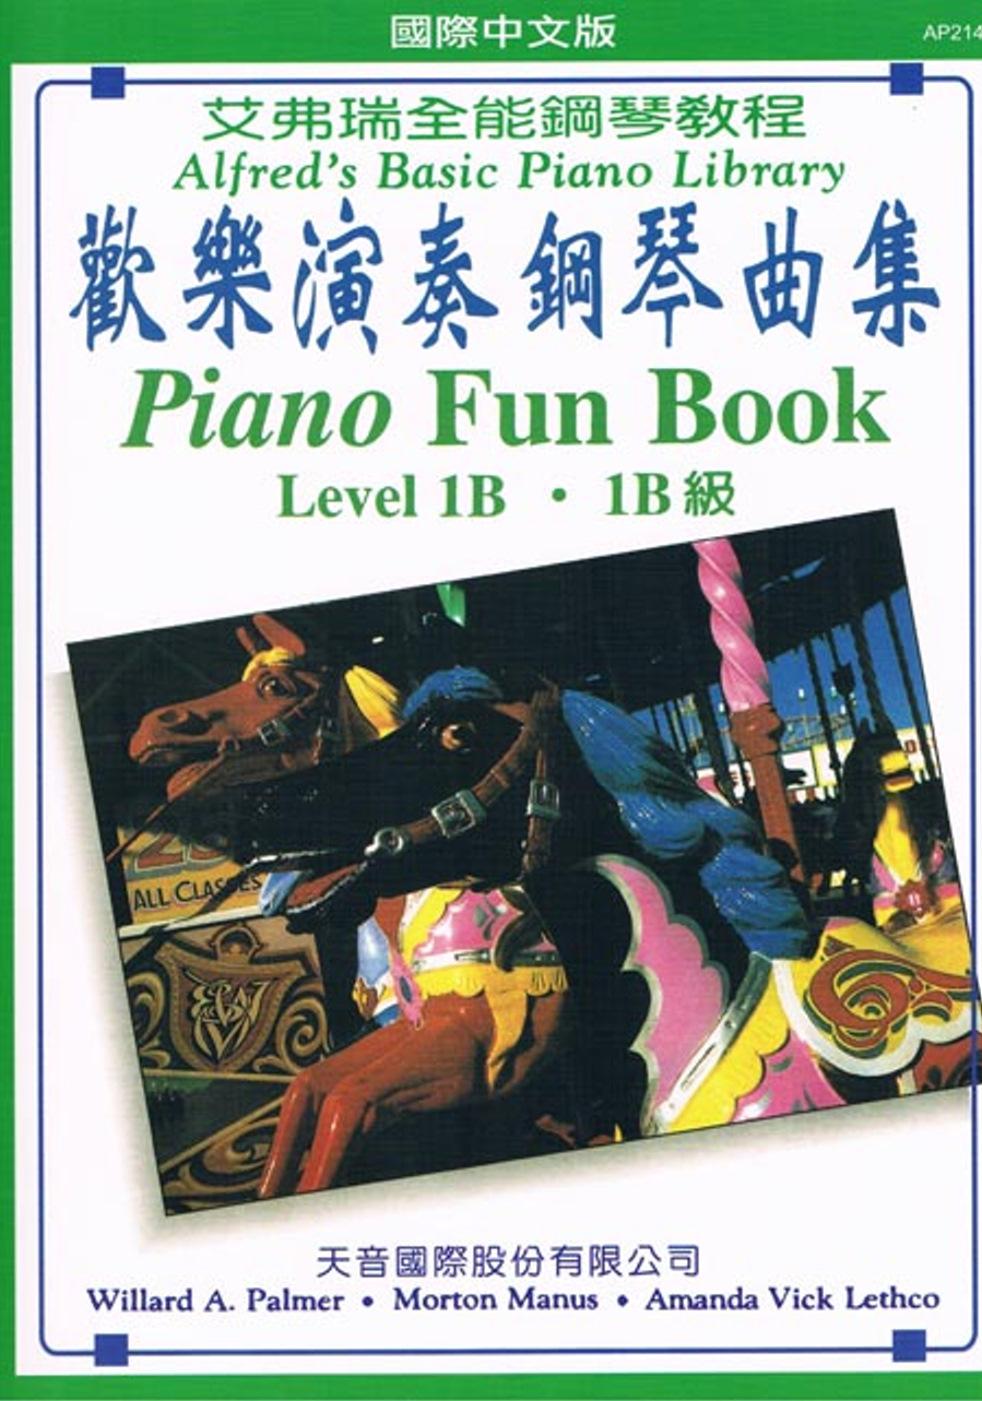 艾弗瑞 歡樂演奏鋼琴曲集1B